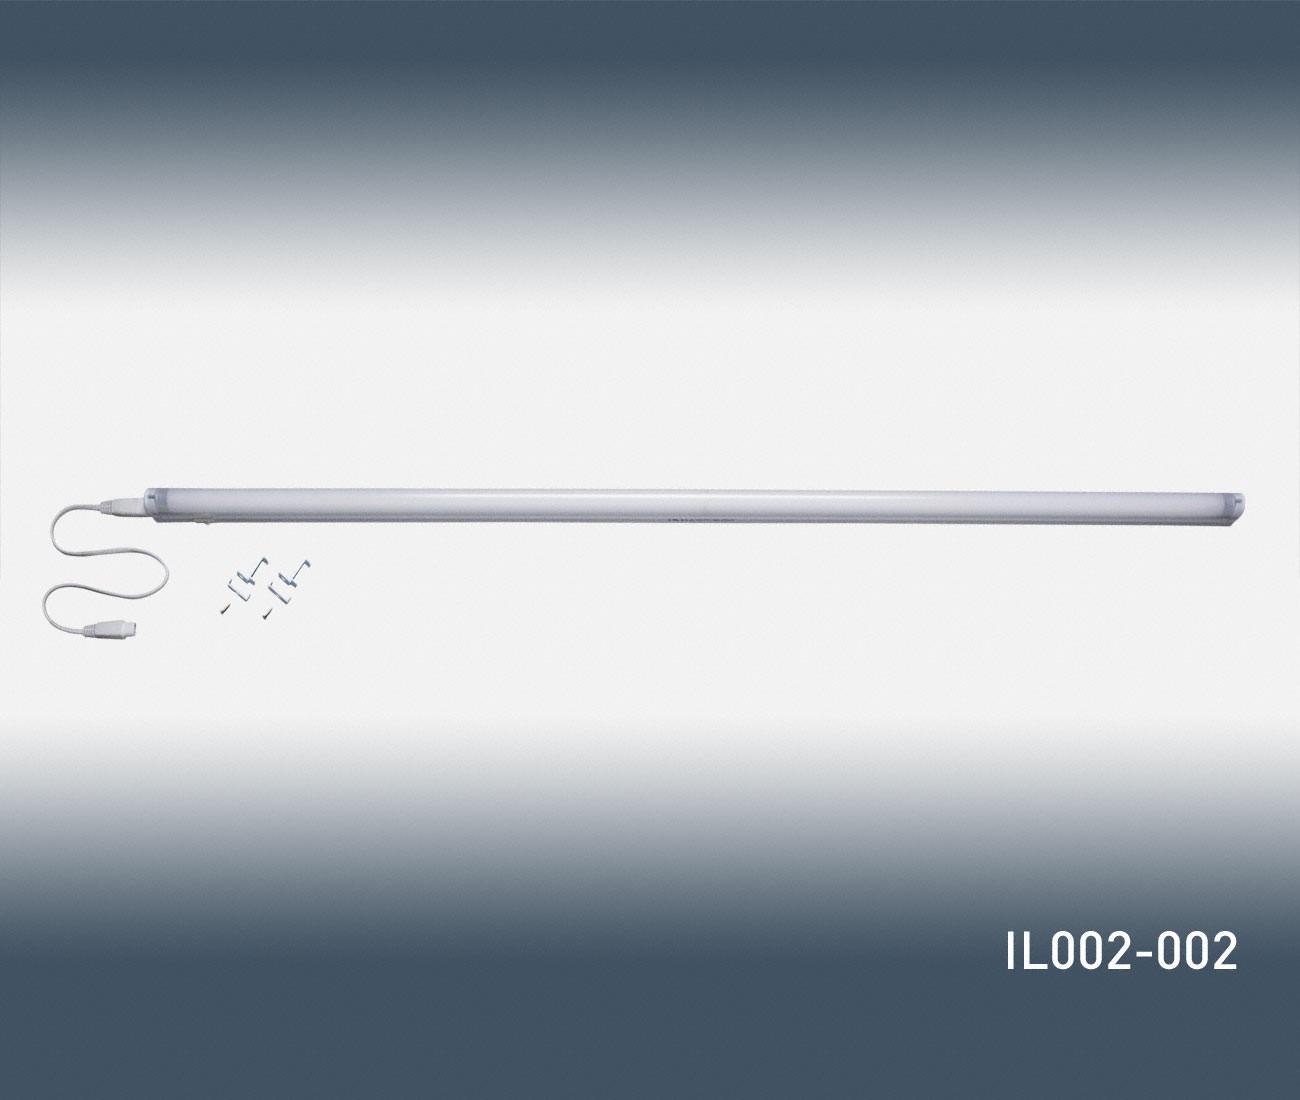 indirekte beleuchtung von orac decor il002 002 tube und lampe. Black Bedroom Furniture Sets. Home Design Ideas